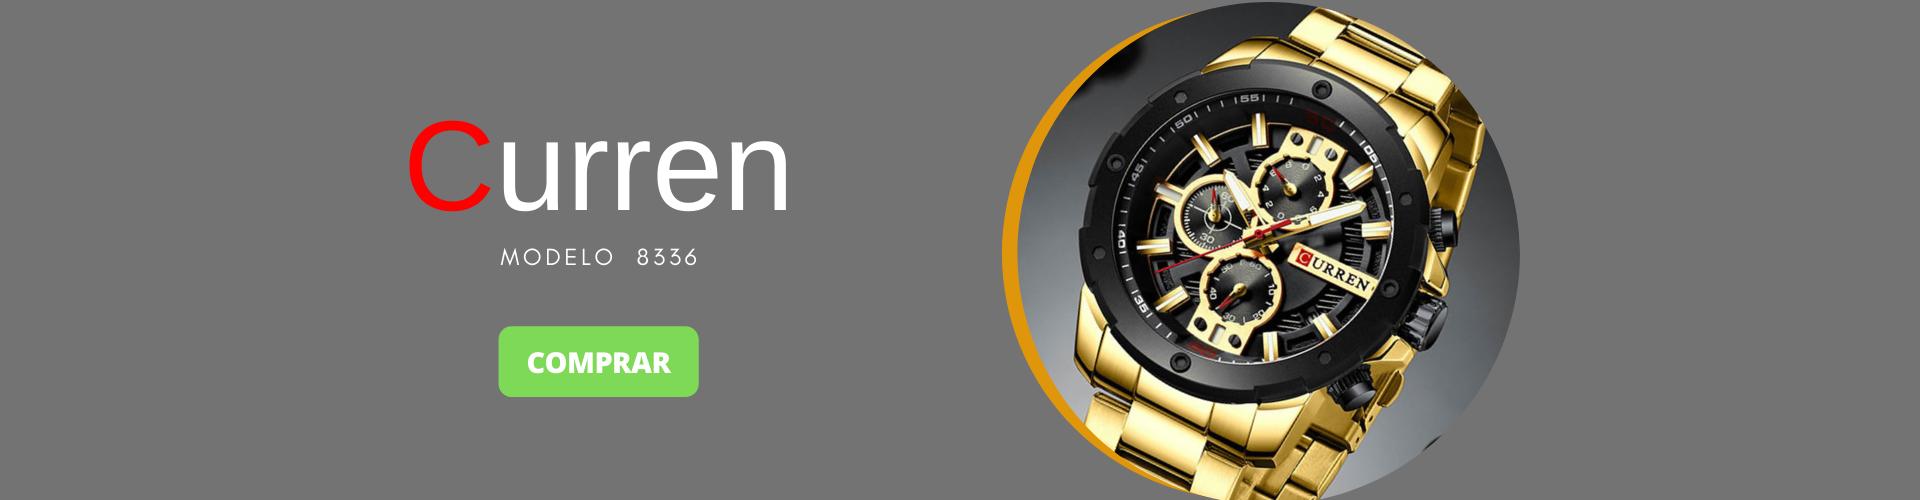 SuperOff - Relógio Curren